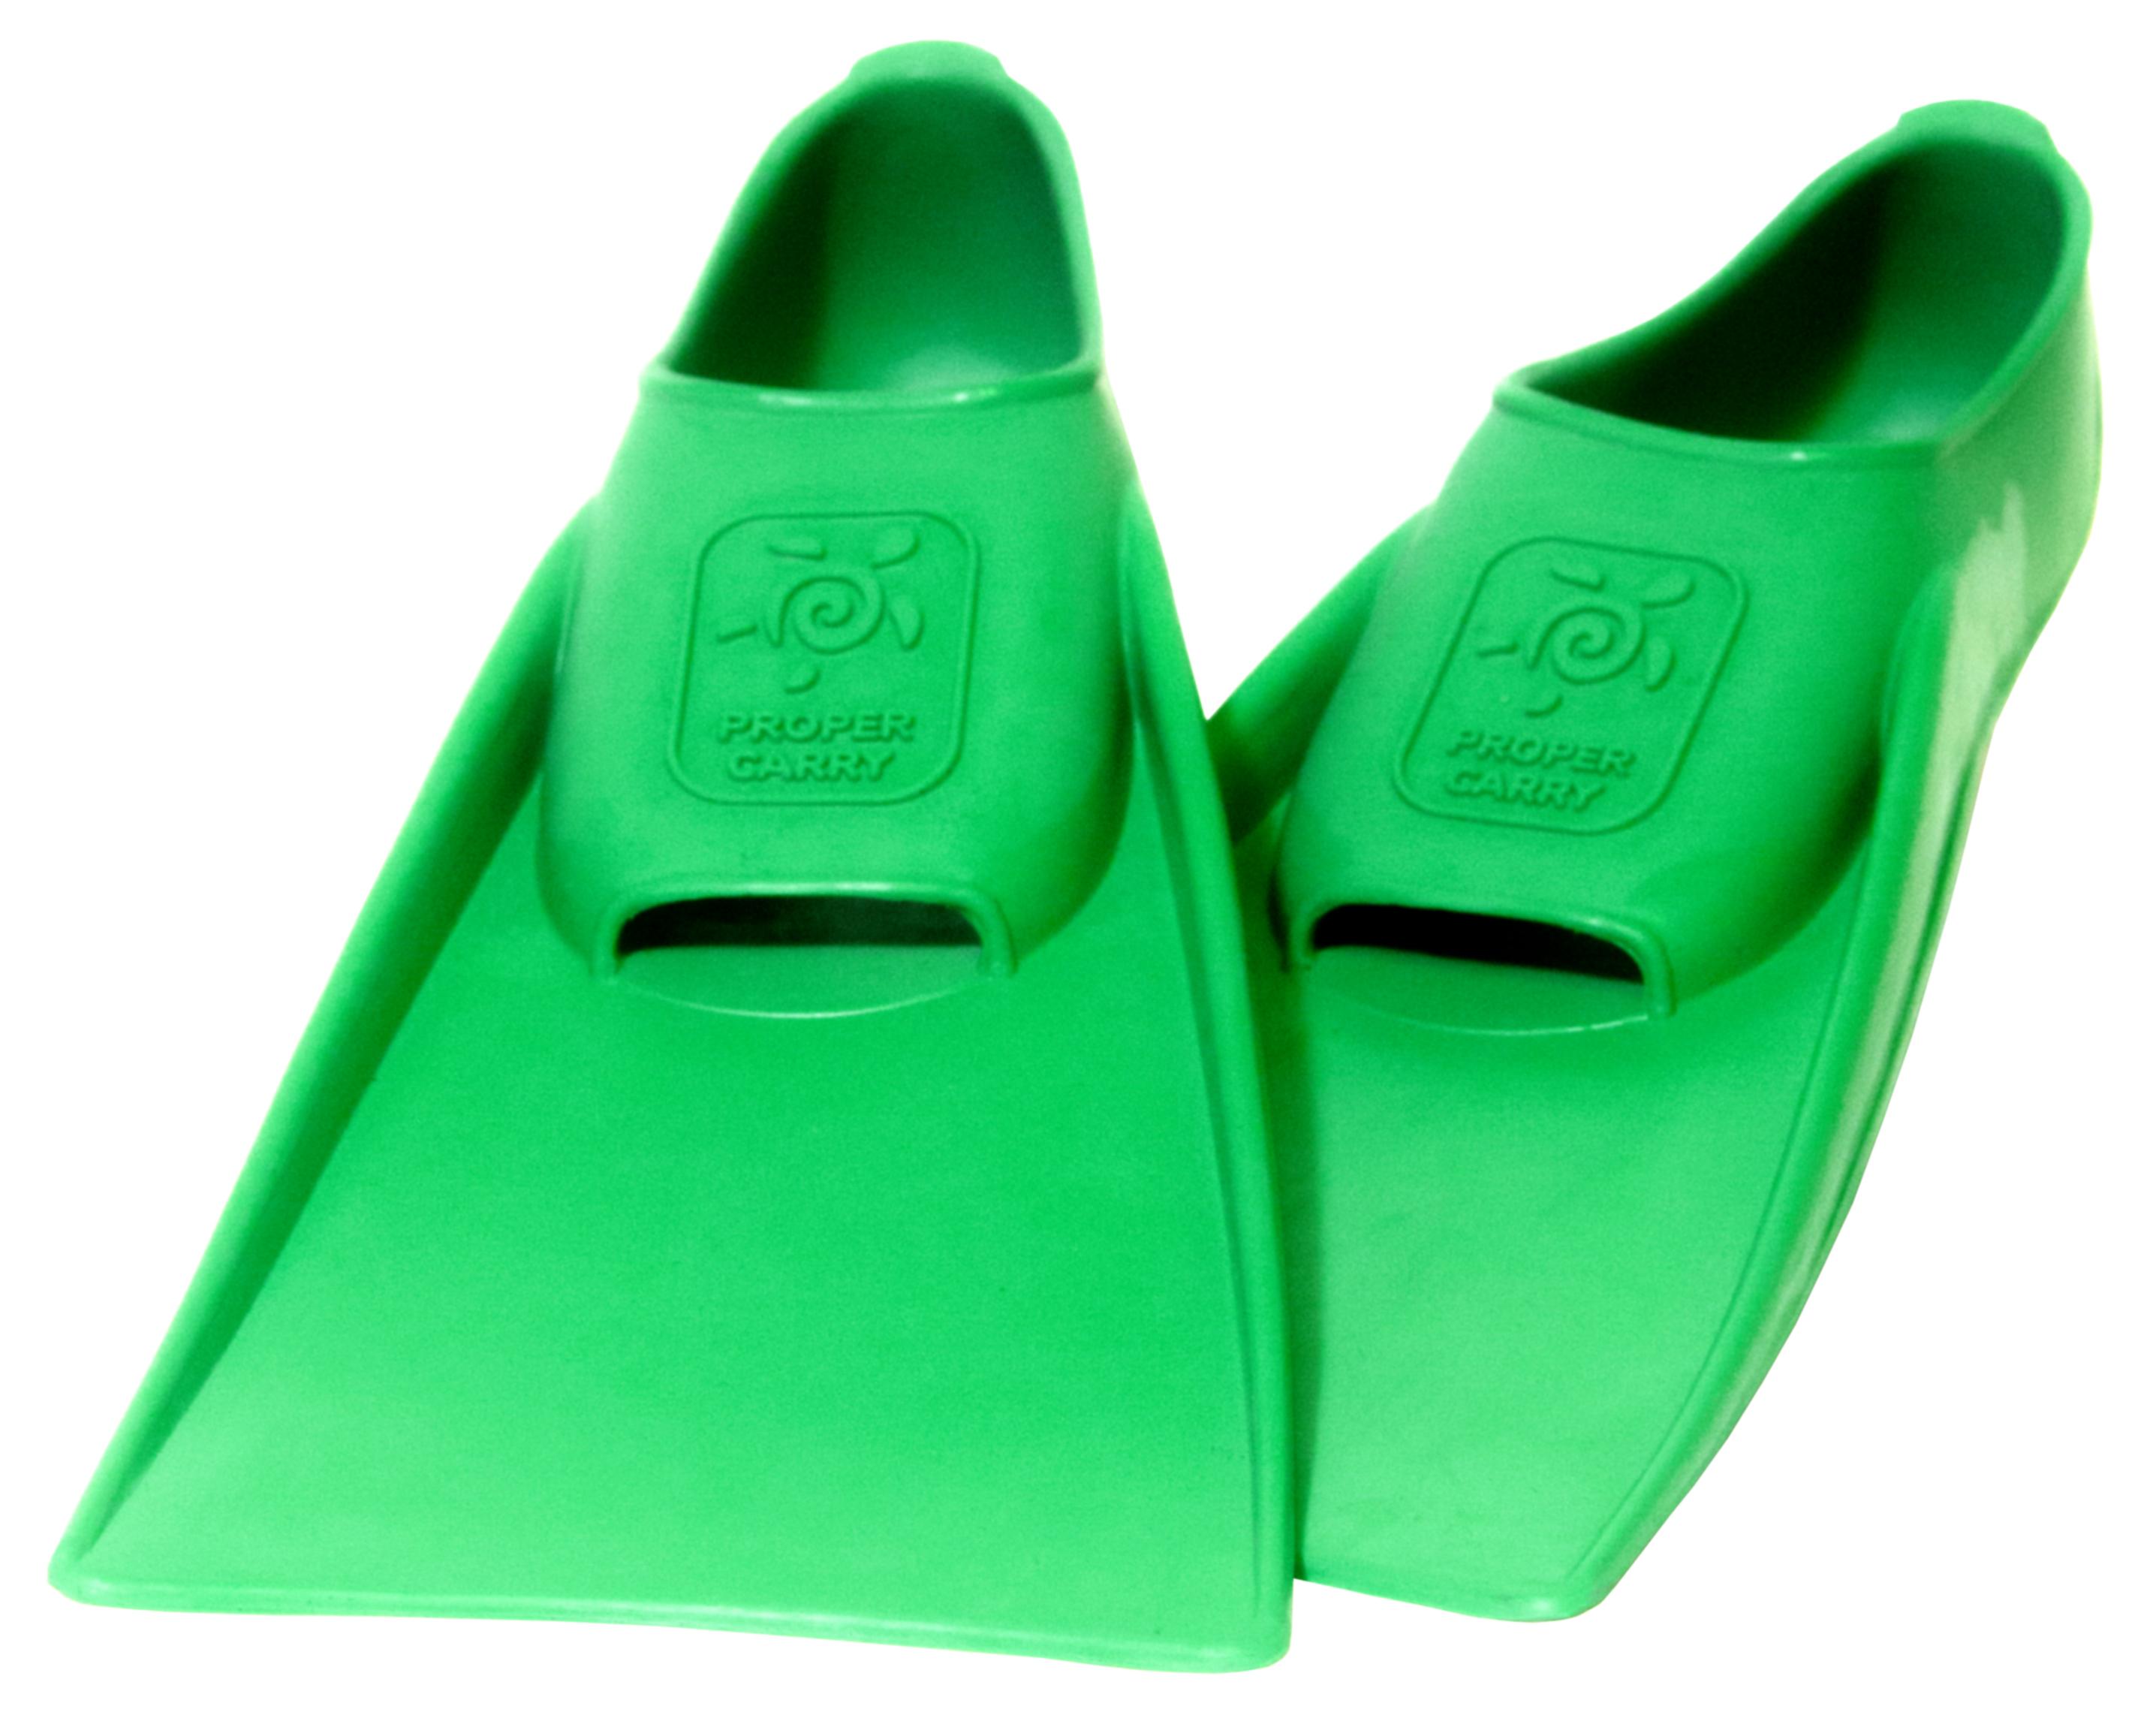 Грудничковые каучуковые ласты для бассейна ProperCarry маленькие размеры 21-22, 23-24, 25-26, 27-28, 29-30, 31-32, 31-32, 33-34, 35-36, - фото 1